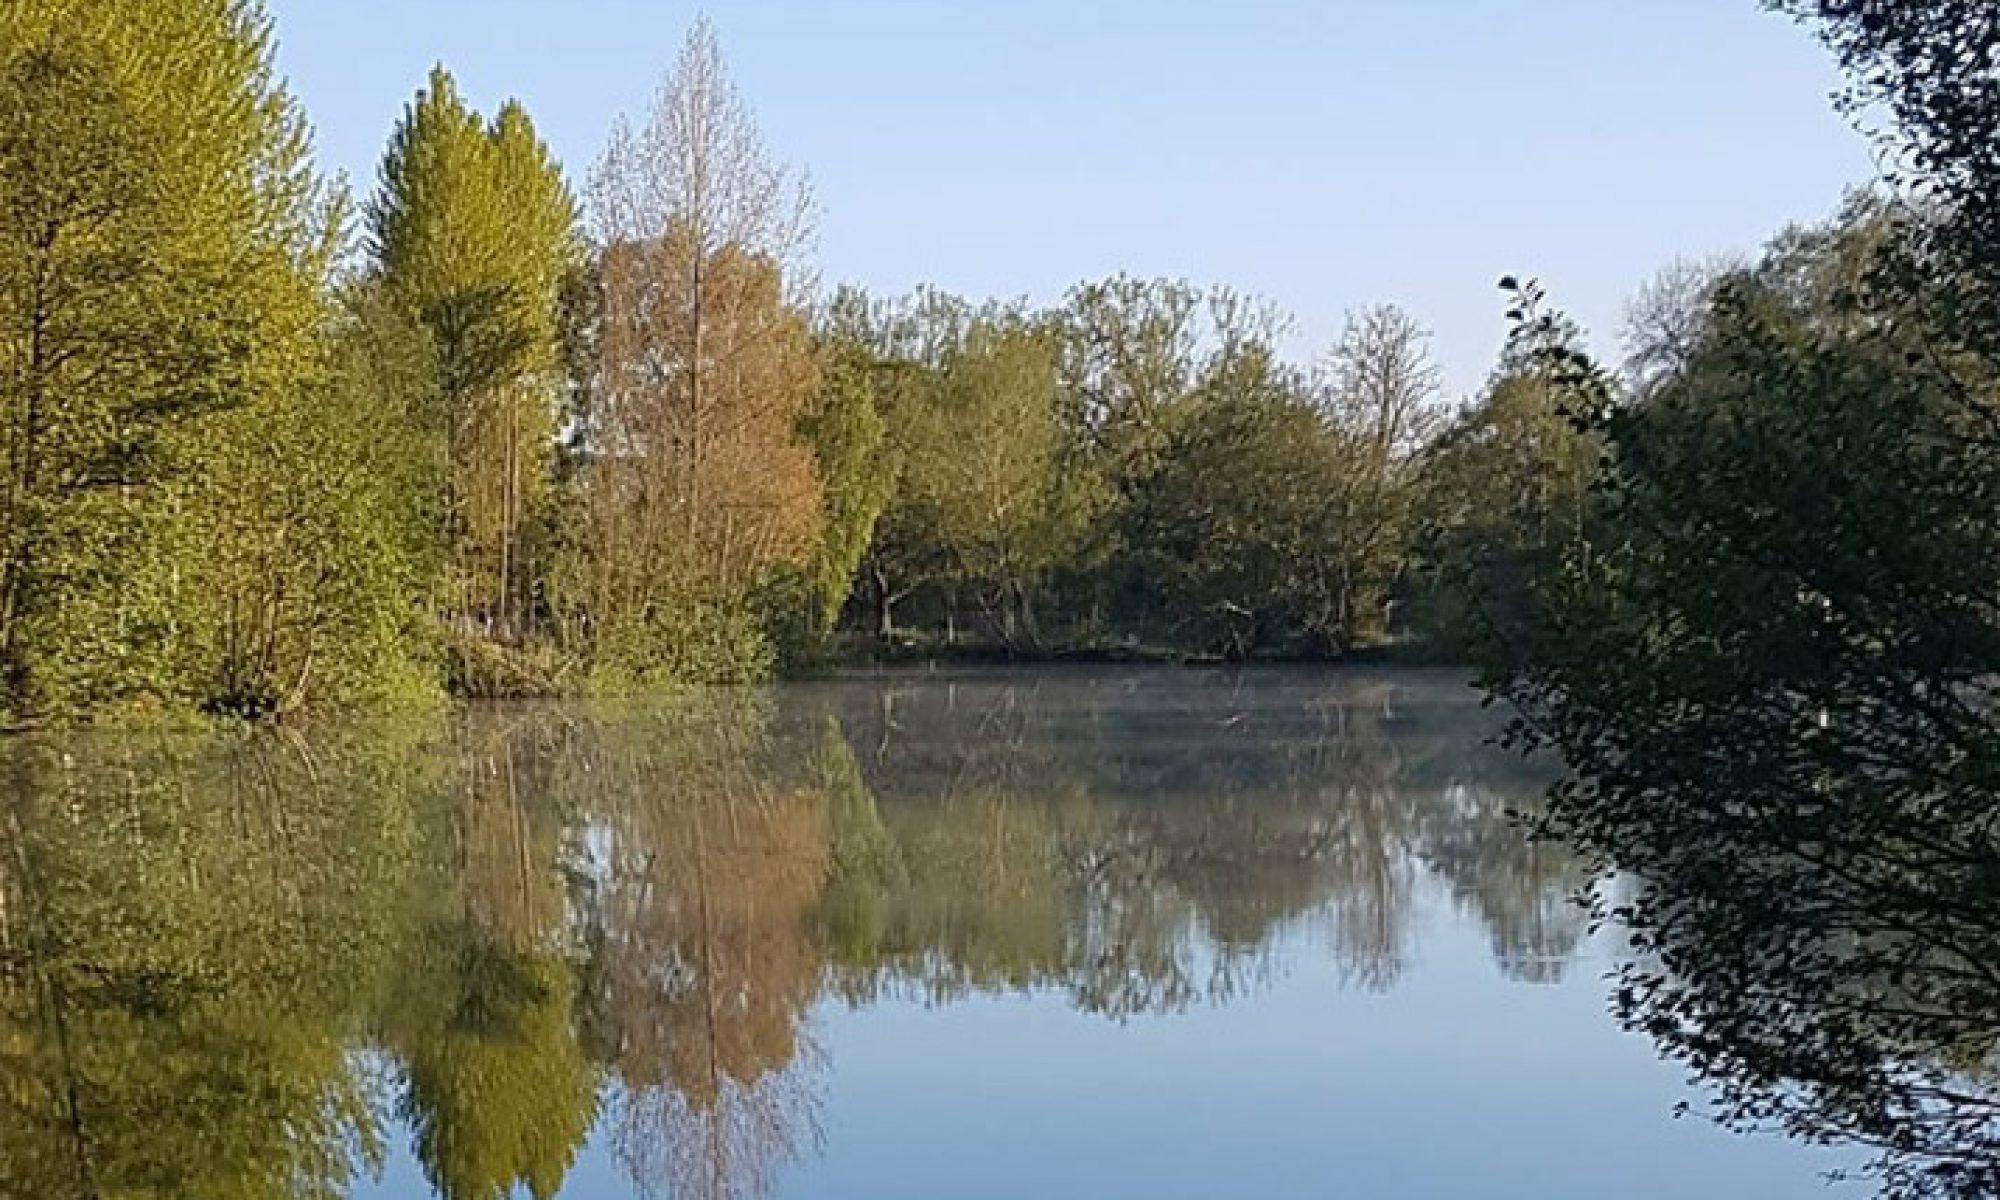 Fishing match at Wyver Lane Pond, Belper